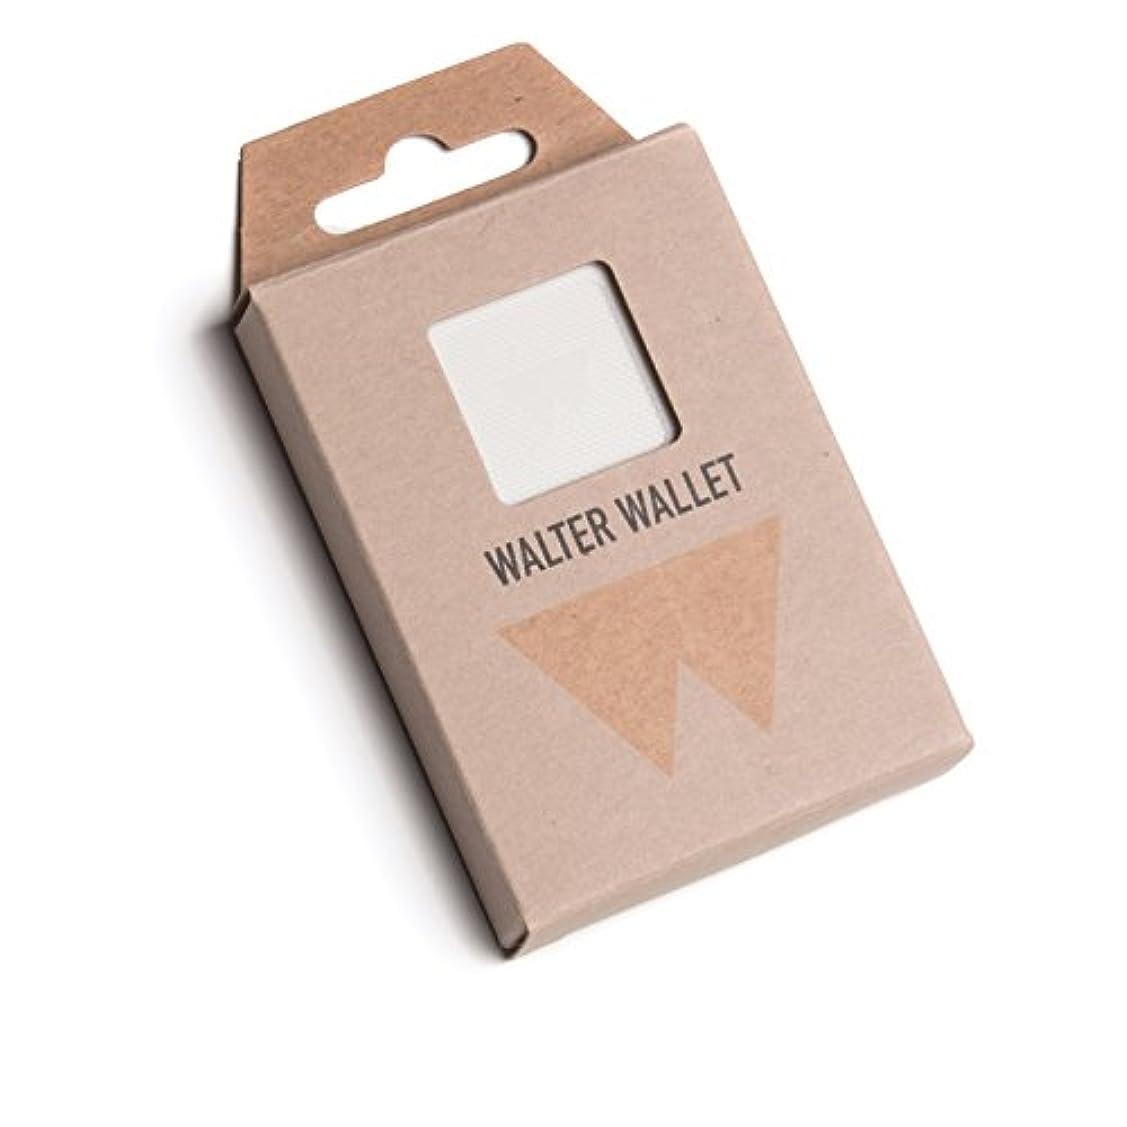 メイド良さ九Walter財布非常にスリムクレジットカードマネークリップポケット財布Holds up to 7カードPlusバンクノート